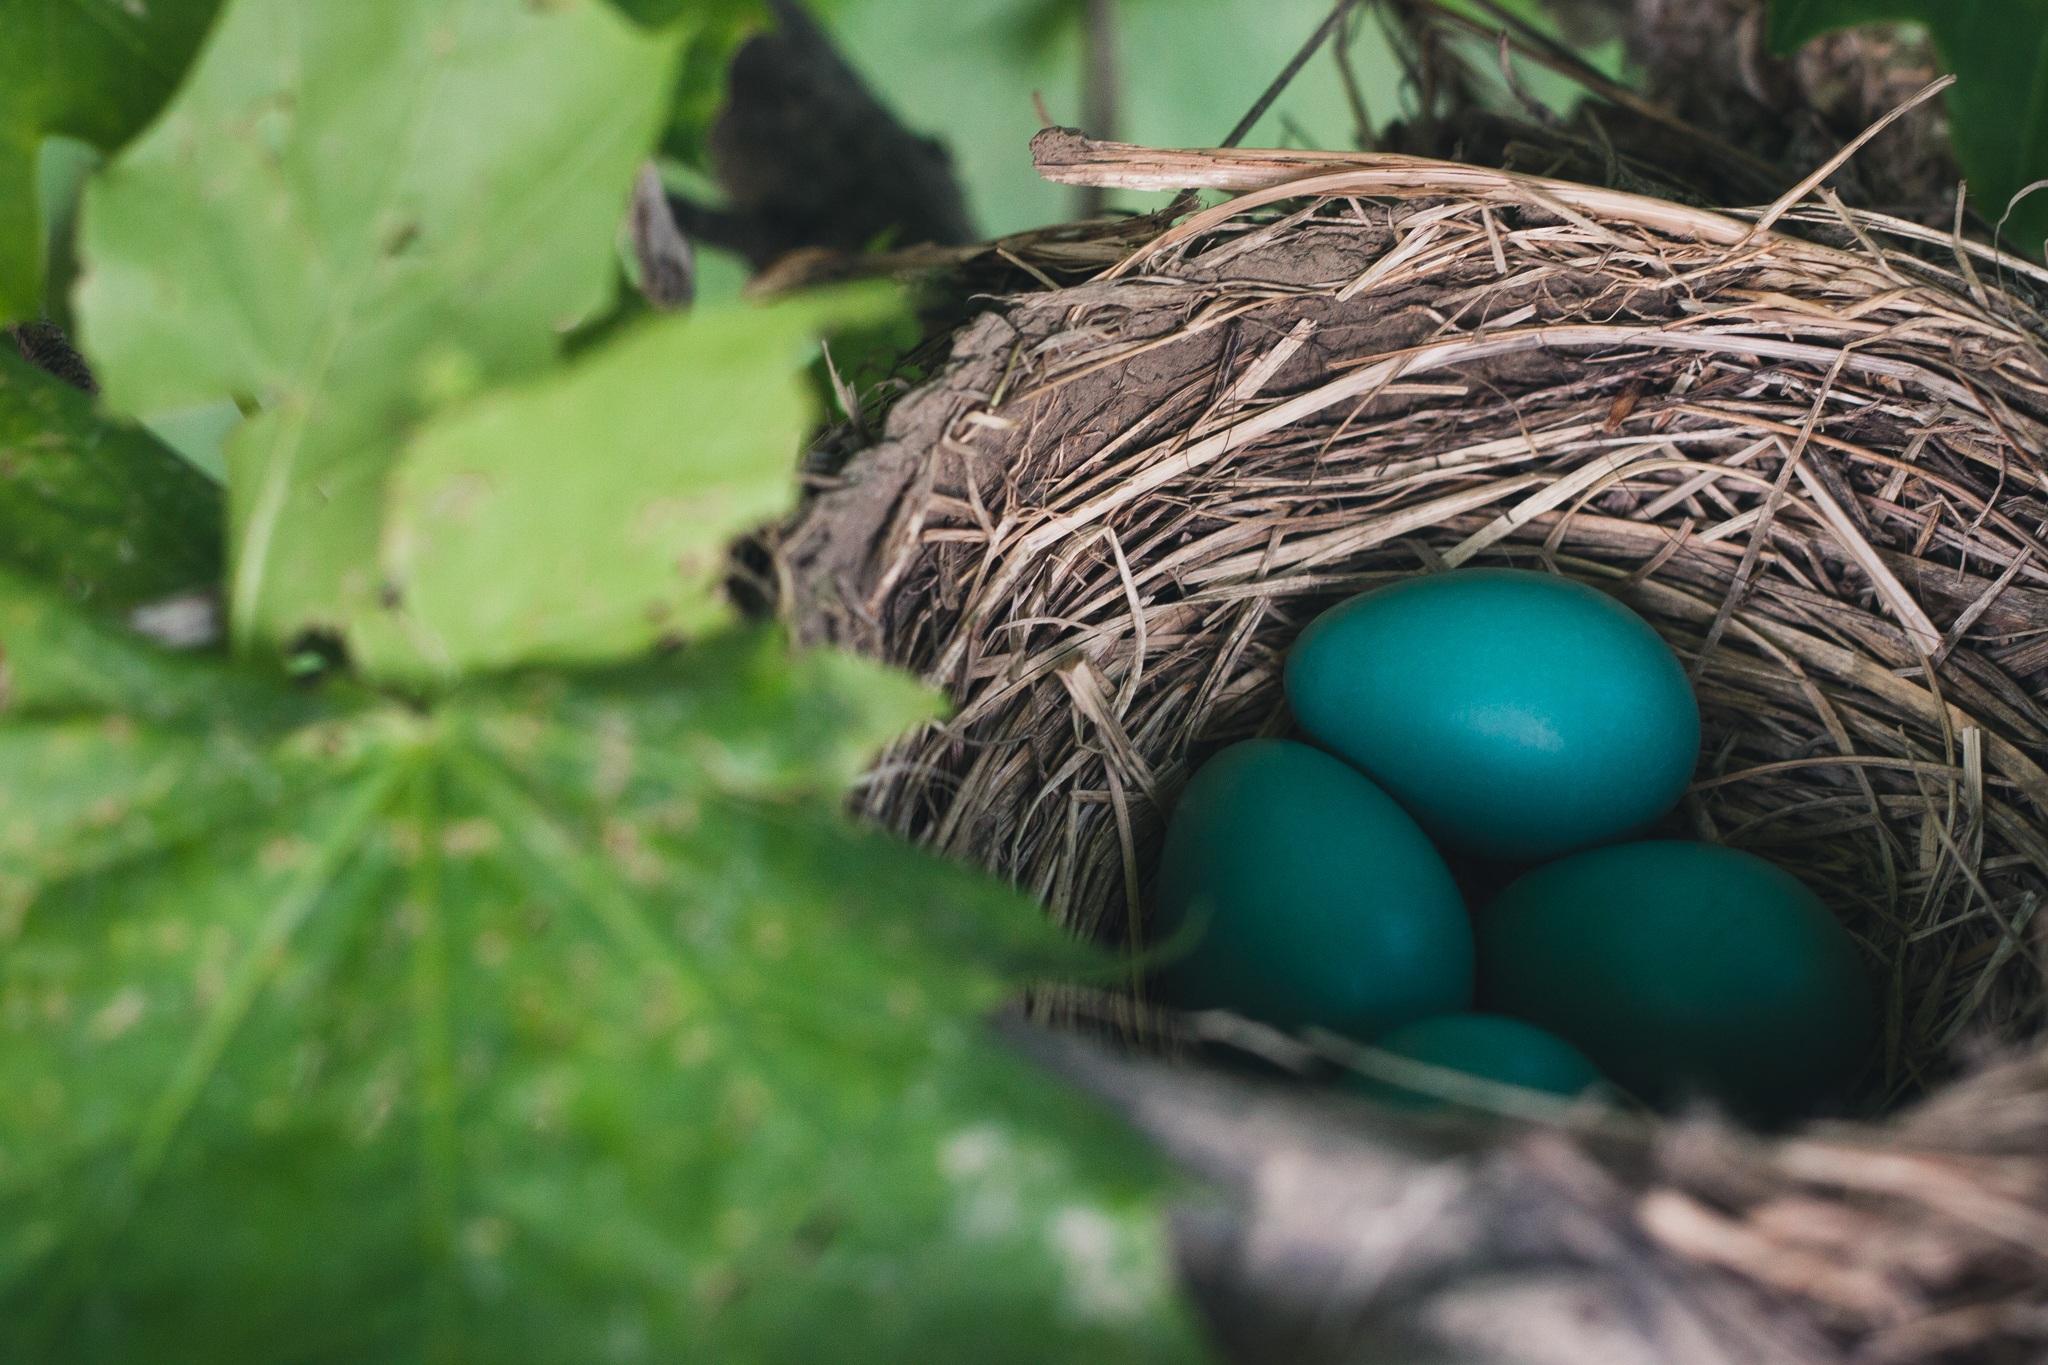 52613 Заставки и Обои Яйца на телефон. Скачать Природа, Яйца, Гнездо, Дрозд картинки бесплатно